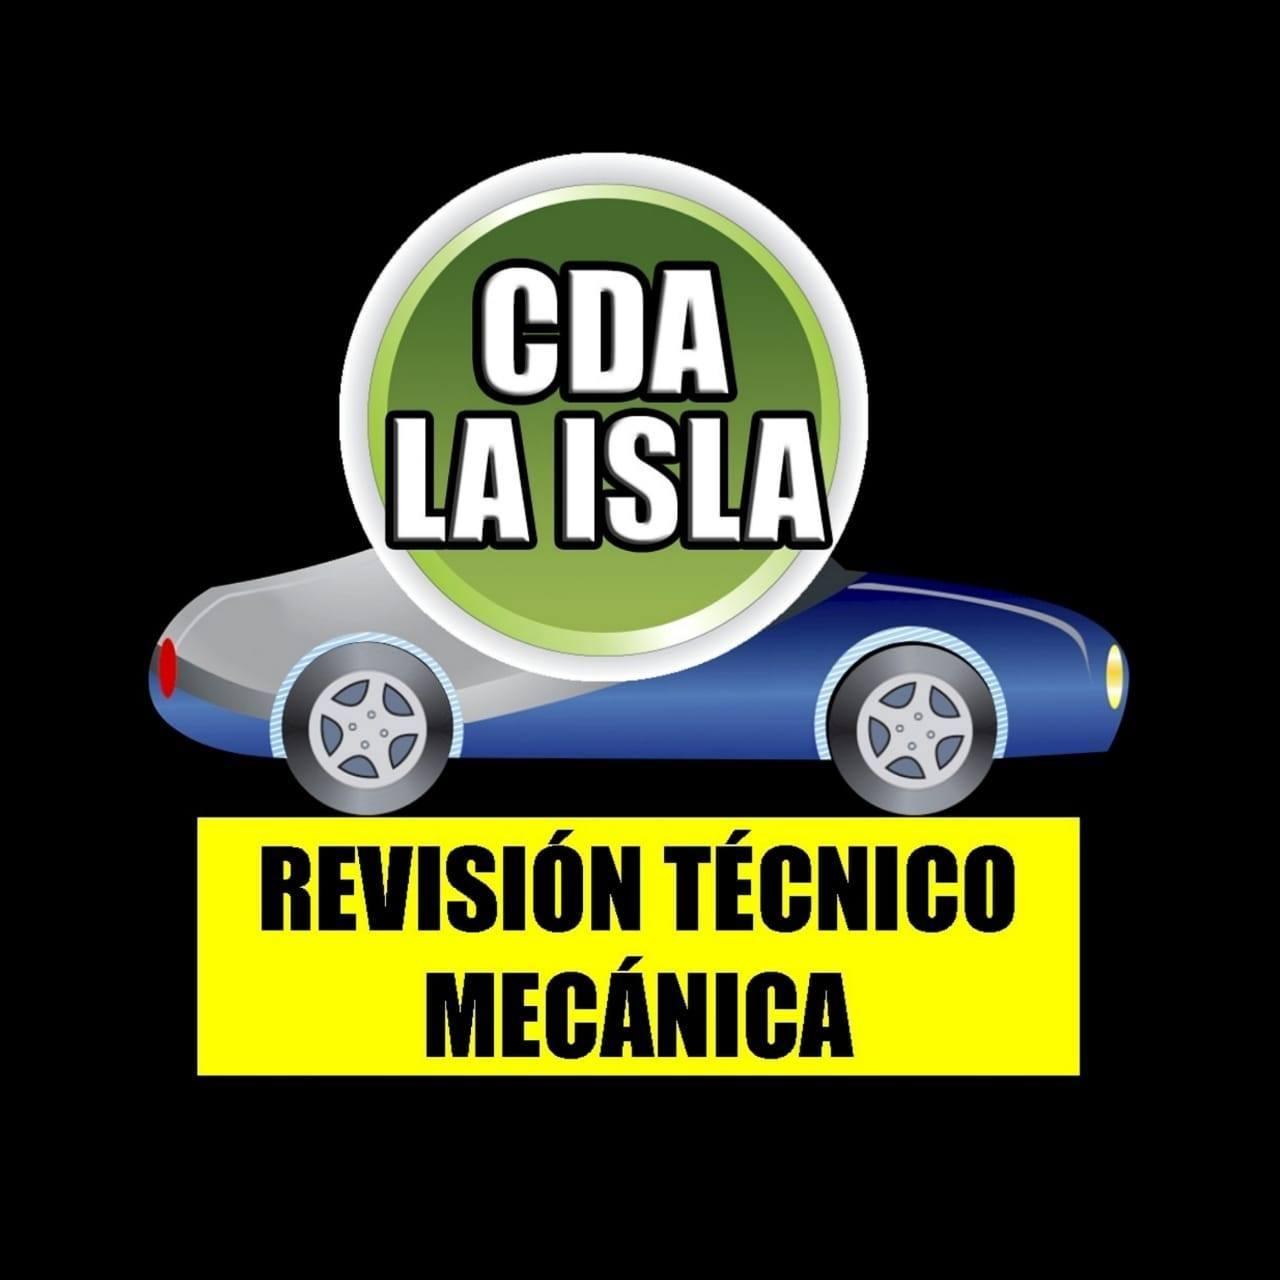 CDA LA ISLA